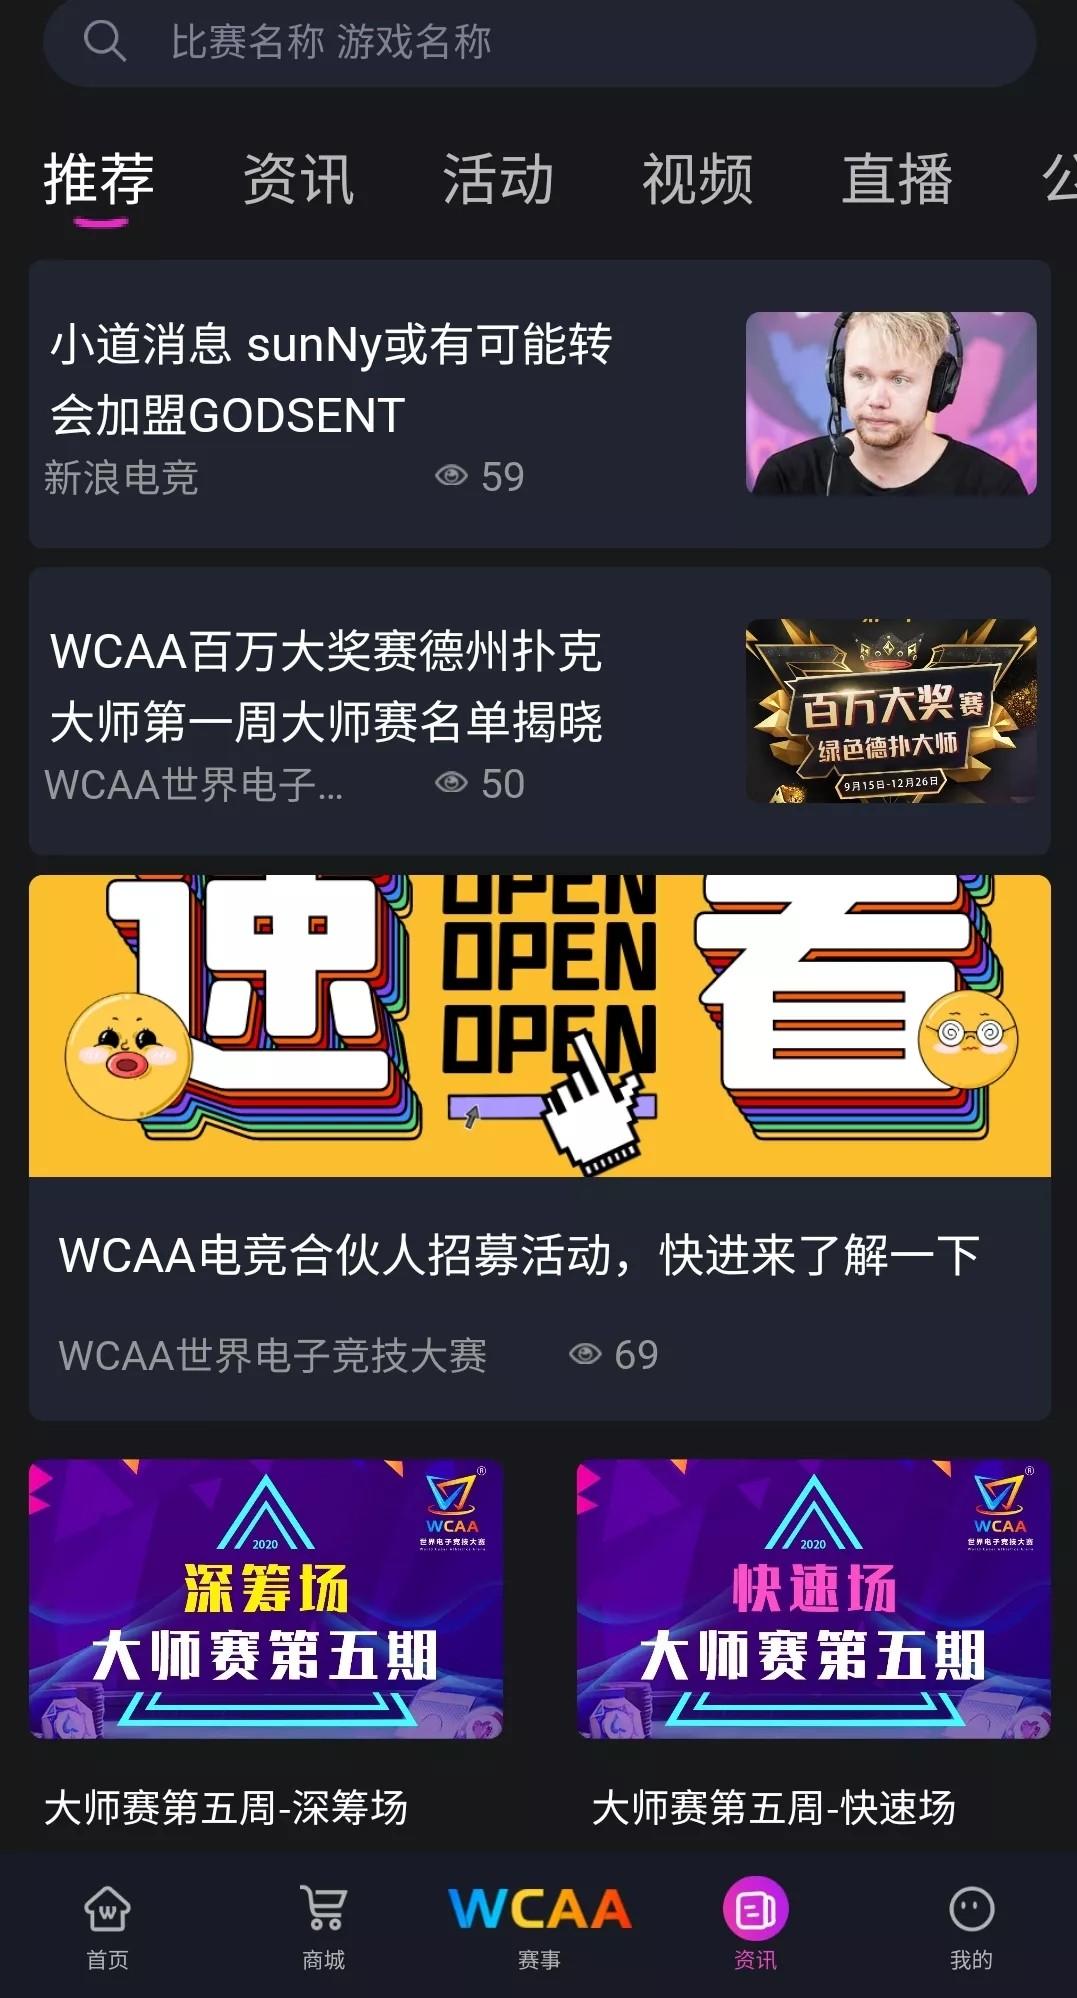 WCAA赛事平台全新App上线啦!赛事、抽奖、活动精彩不间断…